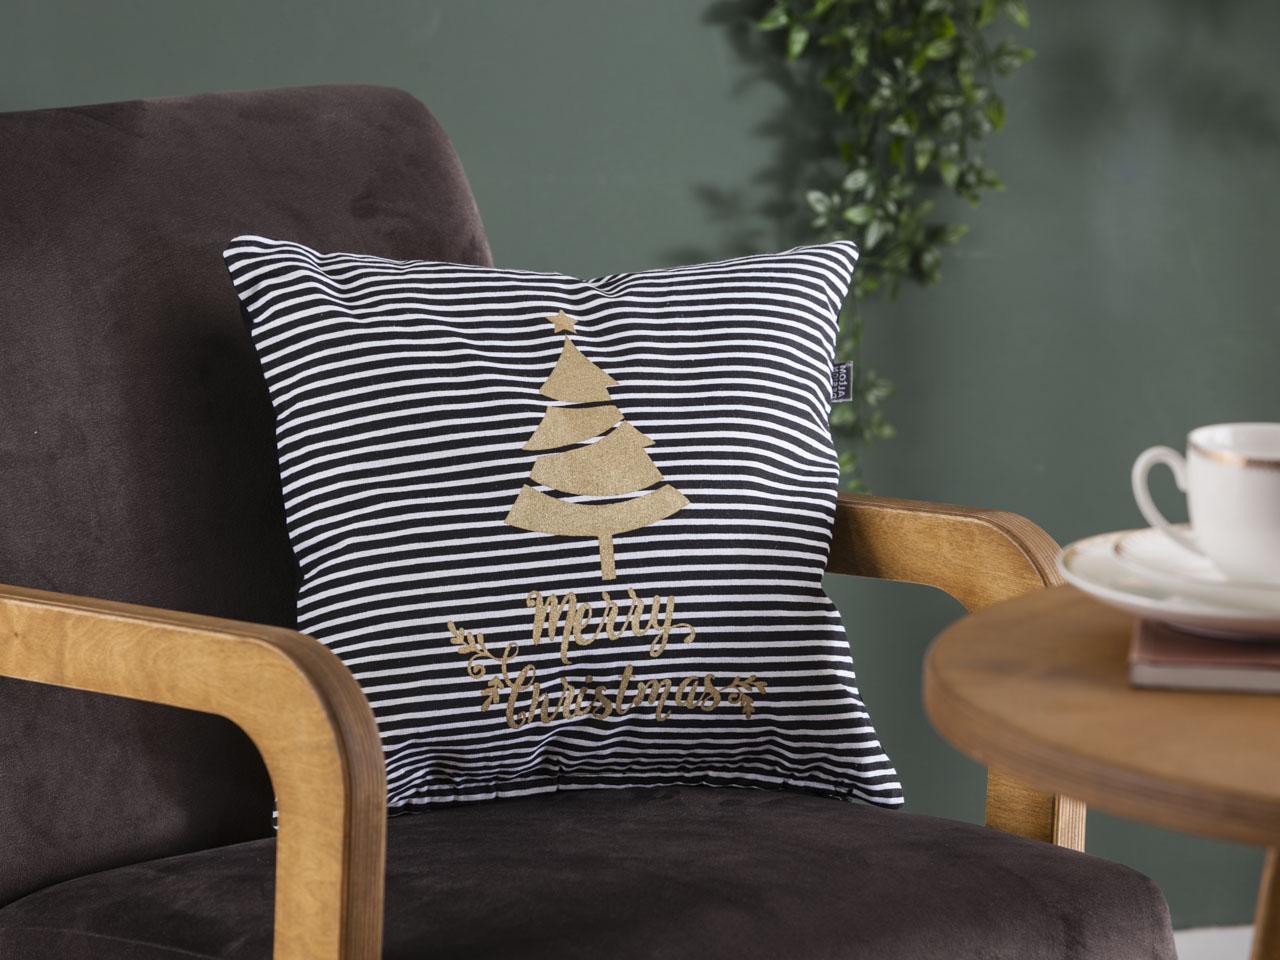 Poszewka na poduszkę dekoracyjna świąteczna Boże Narodzenie Altom Design Nordic Winter dek. I 40x40 cm